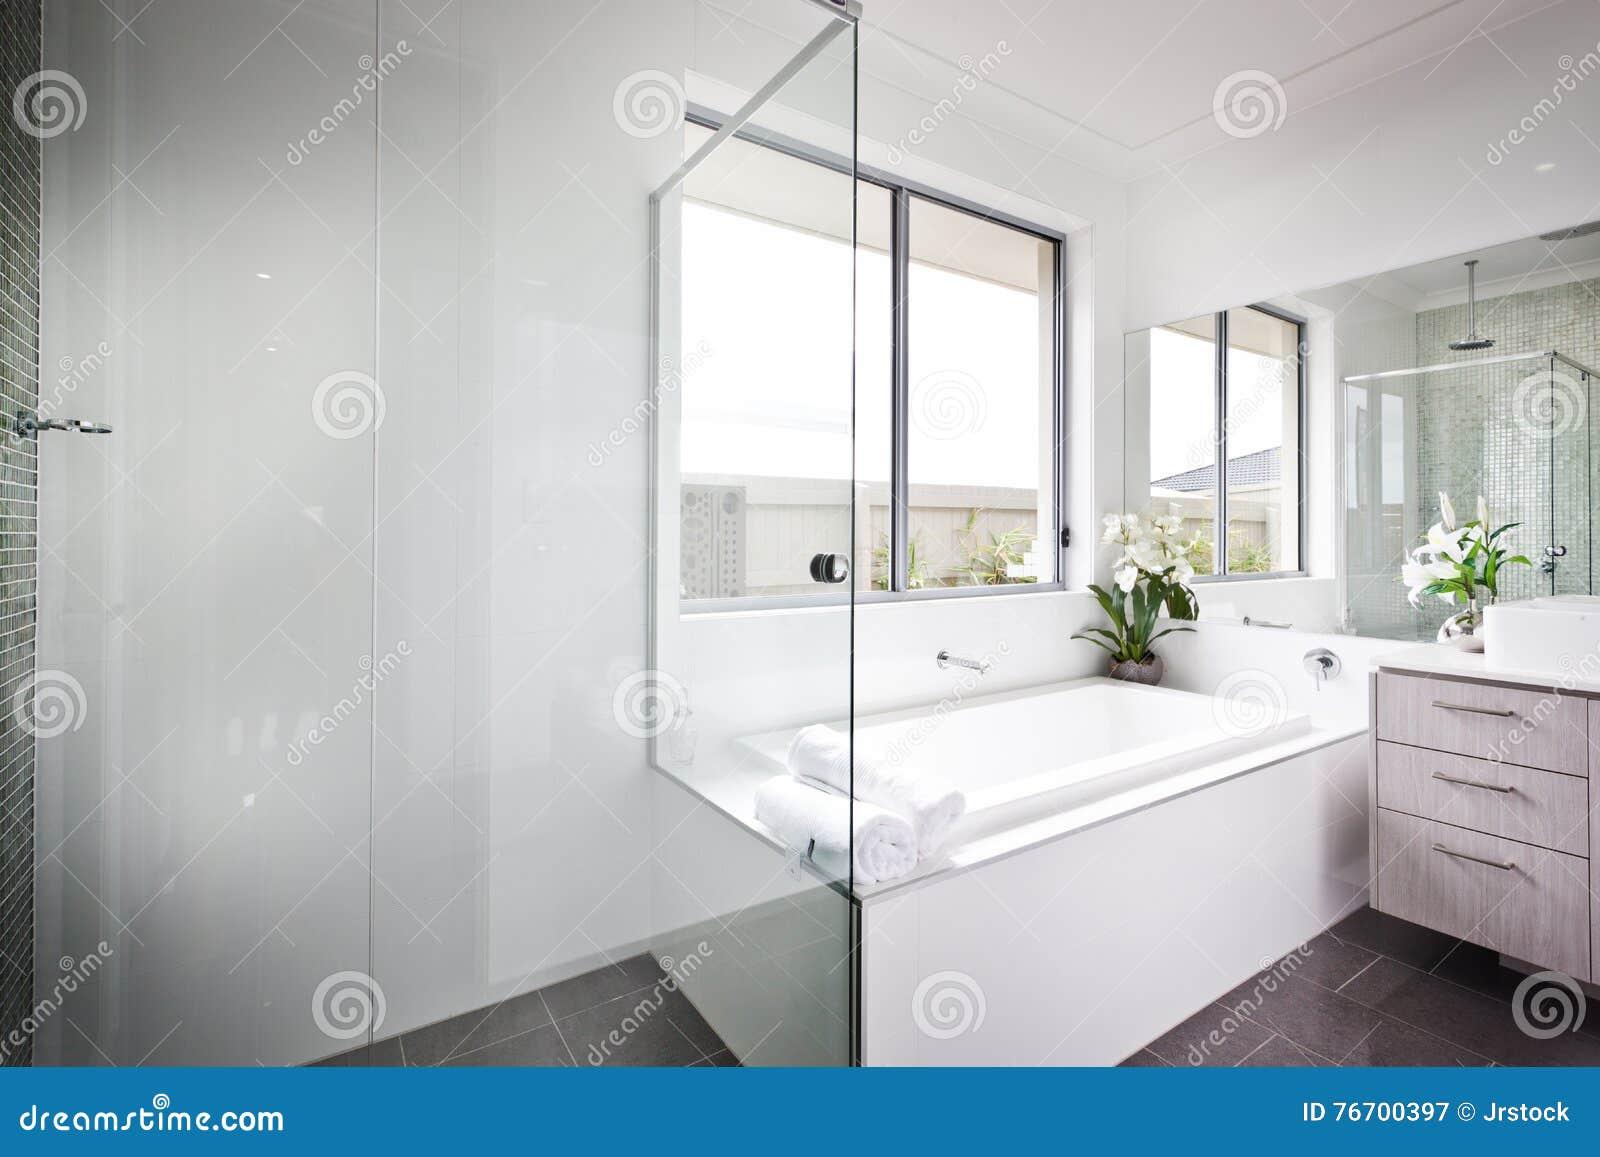 Luxuswaschraum Mit Weissen Wanden Und Badewanne Stockbild Bild Von